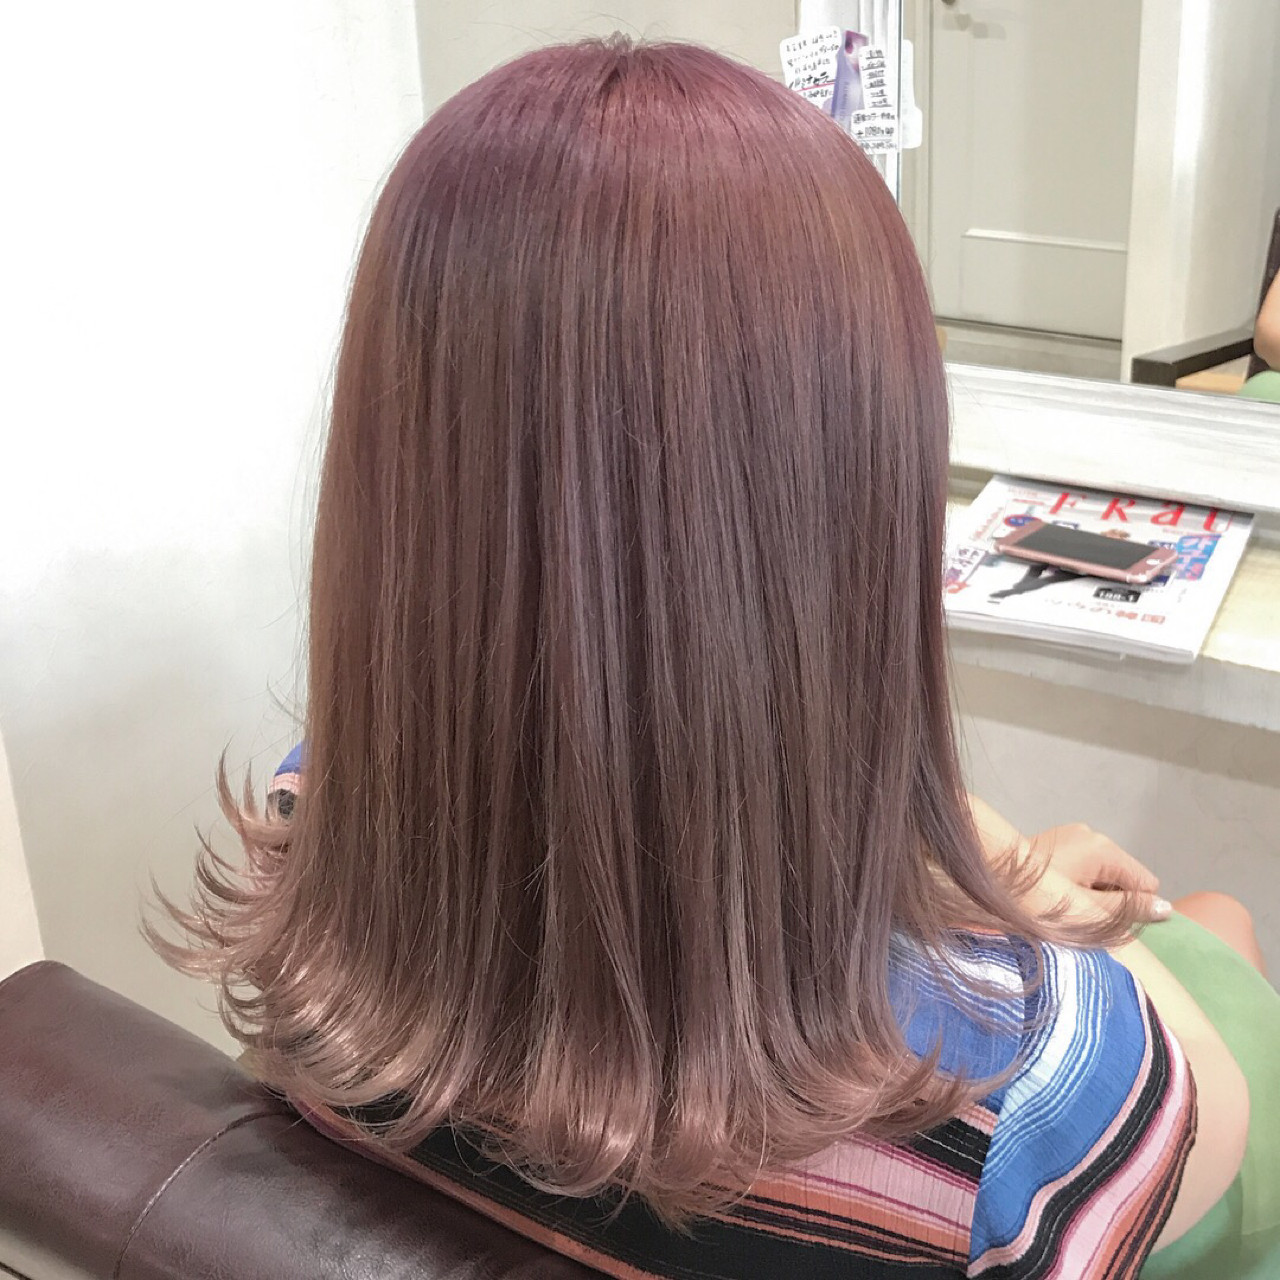 ミディアム ラベンダーピンク ピンク ピンクアッシュ ヘアスタイルや髪型の写真・画像